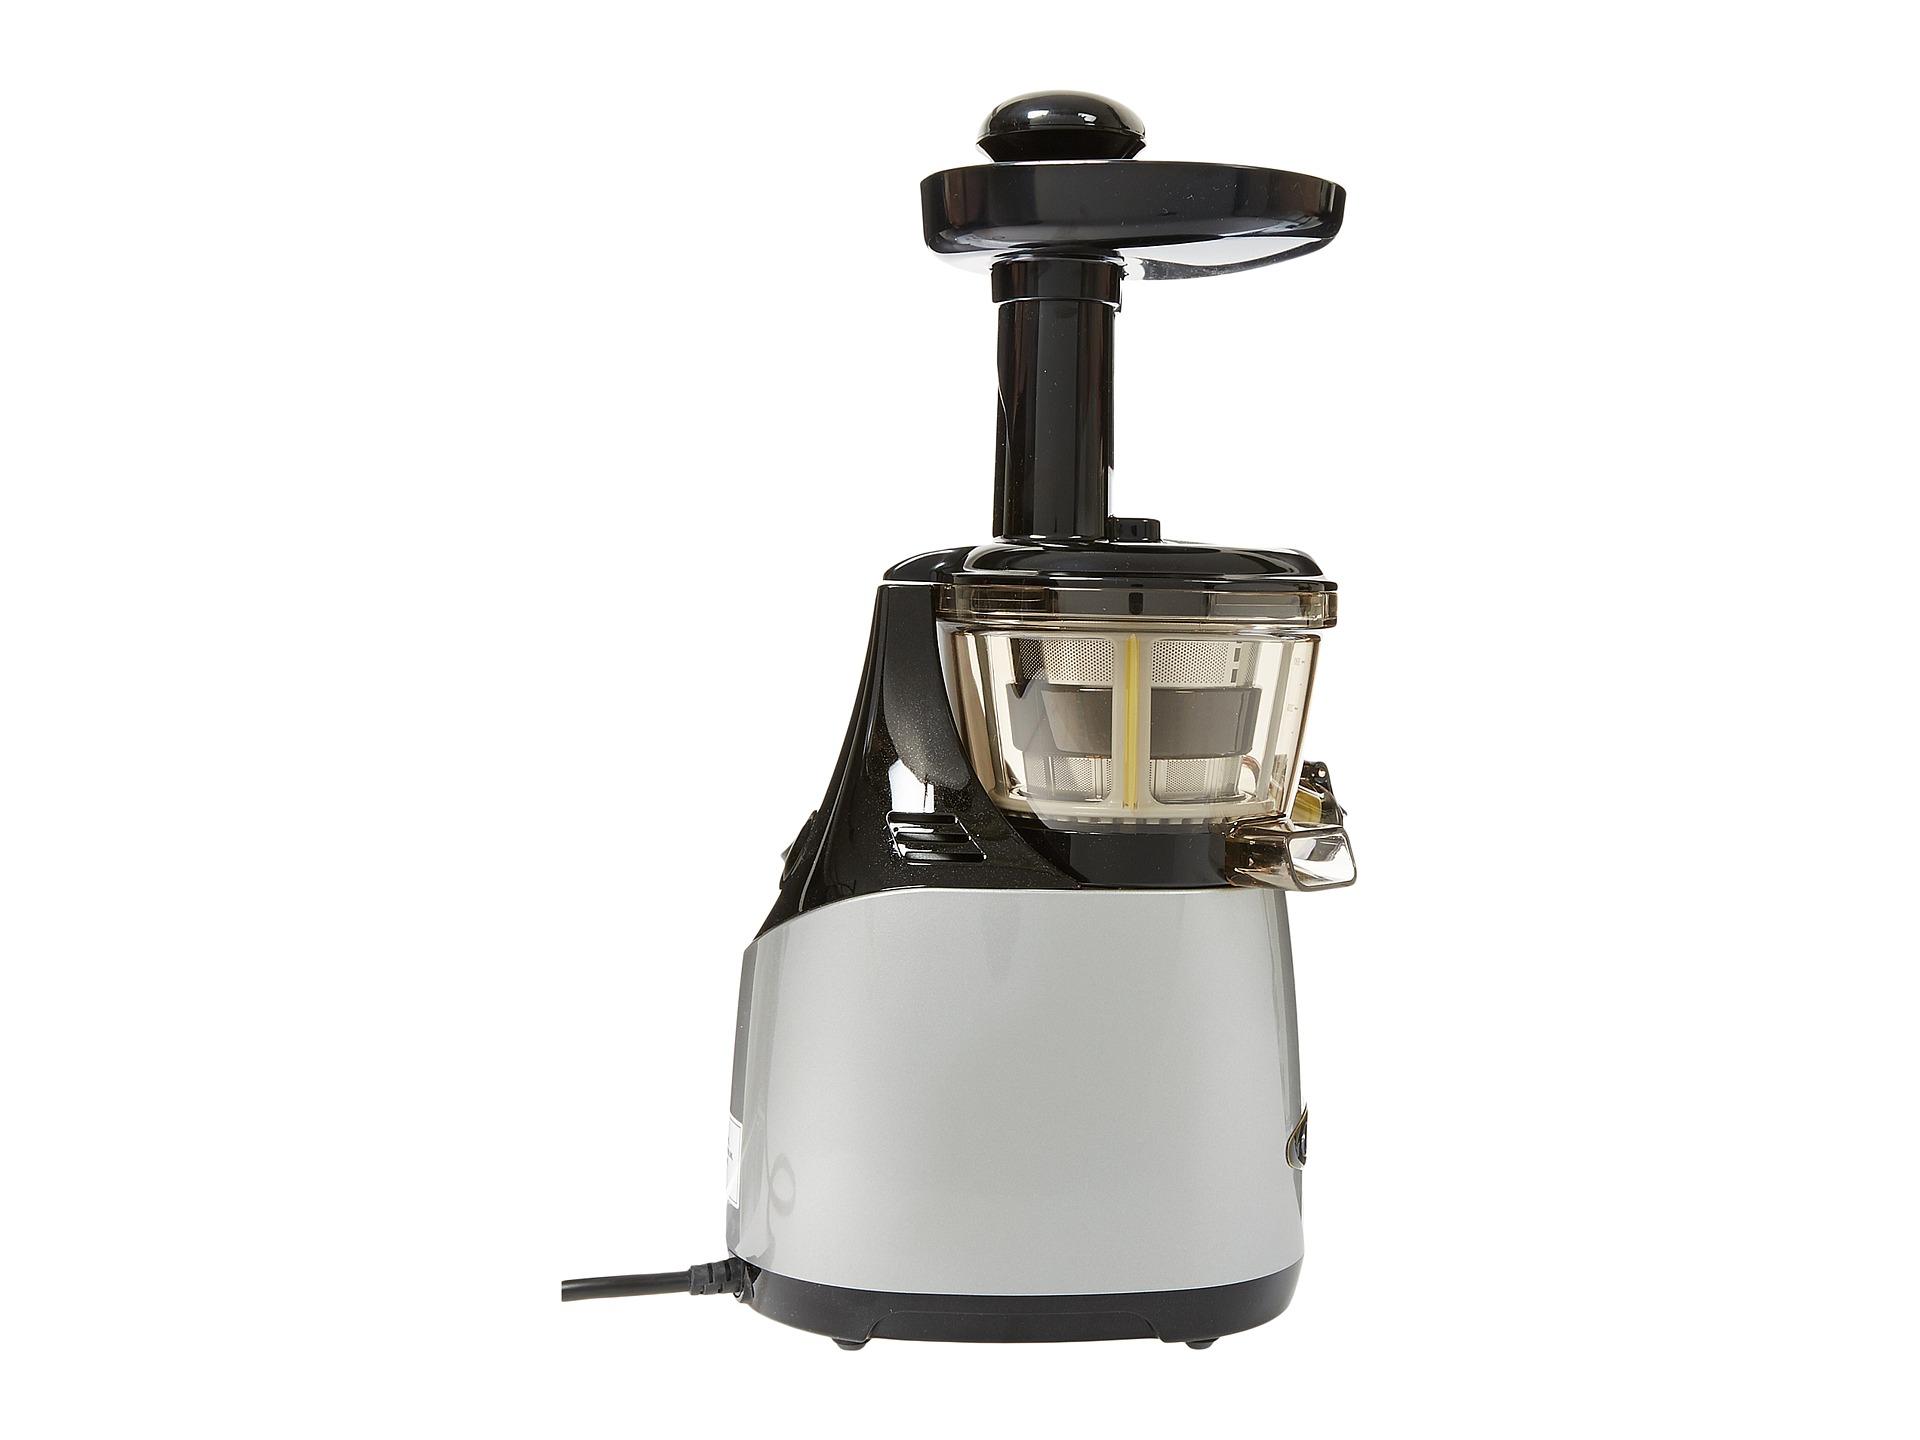 Omega Vert Vrt400hds Slow Juicer : No results for omega vrt400hds juicer - Search Zappos.com